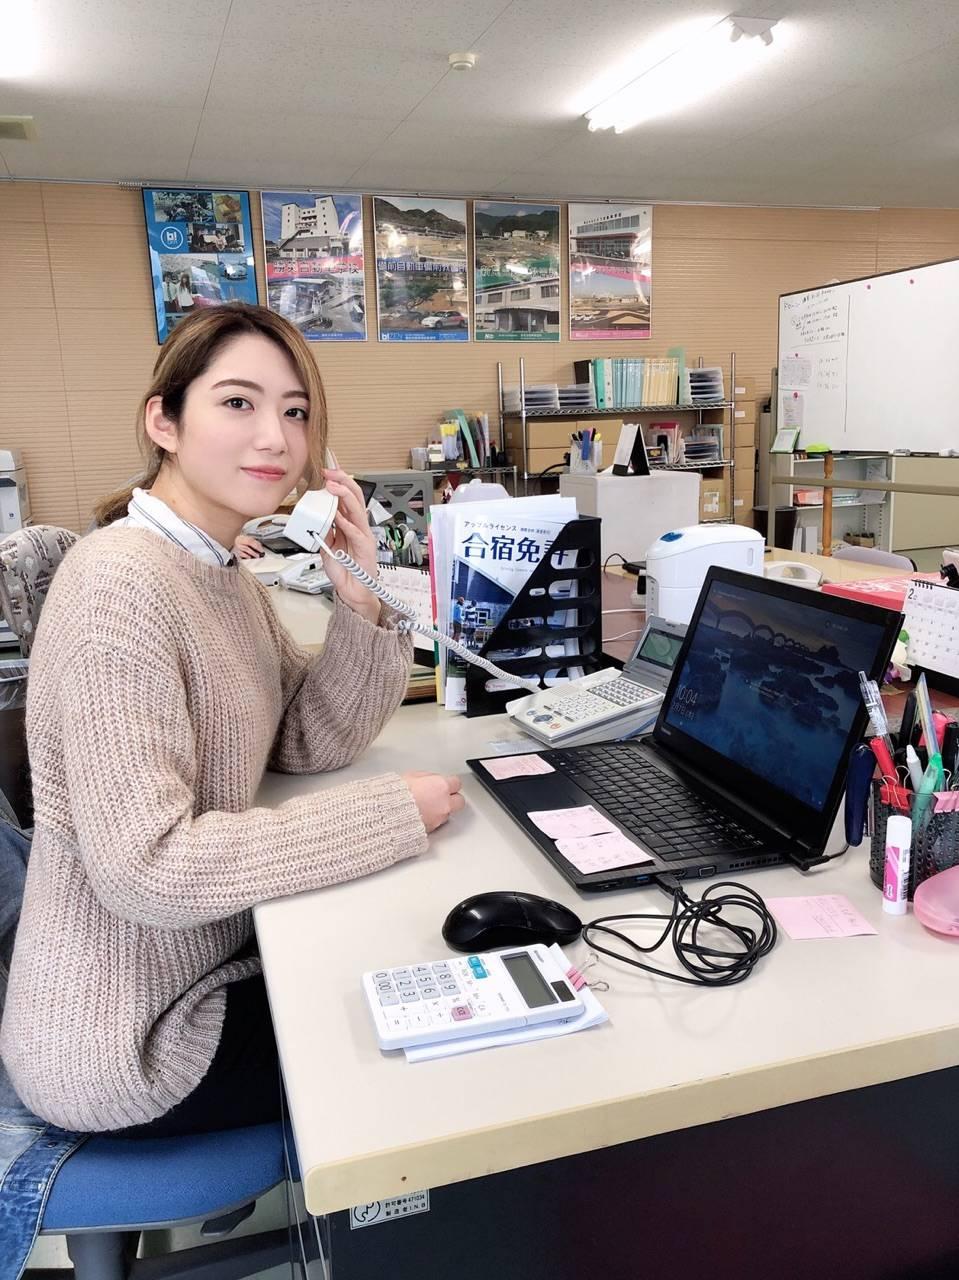 株式会社アップル情報通信サービス(岡山営業所)